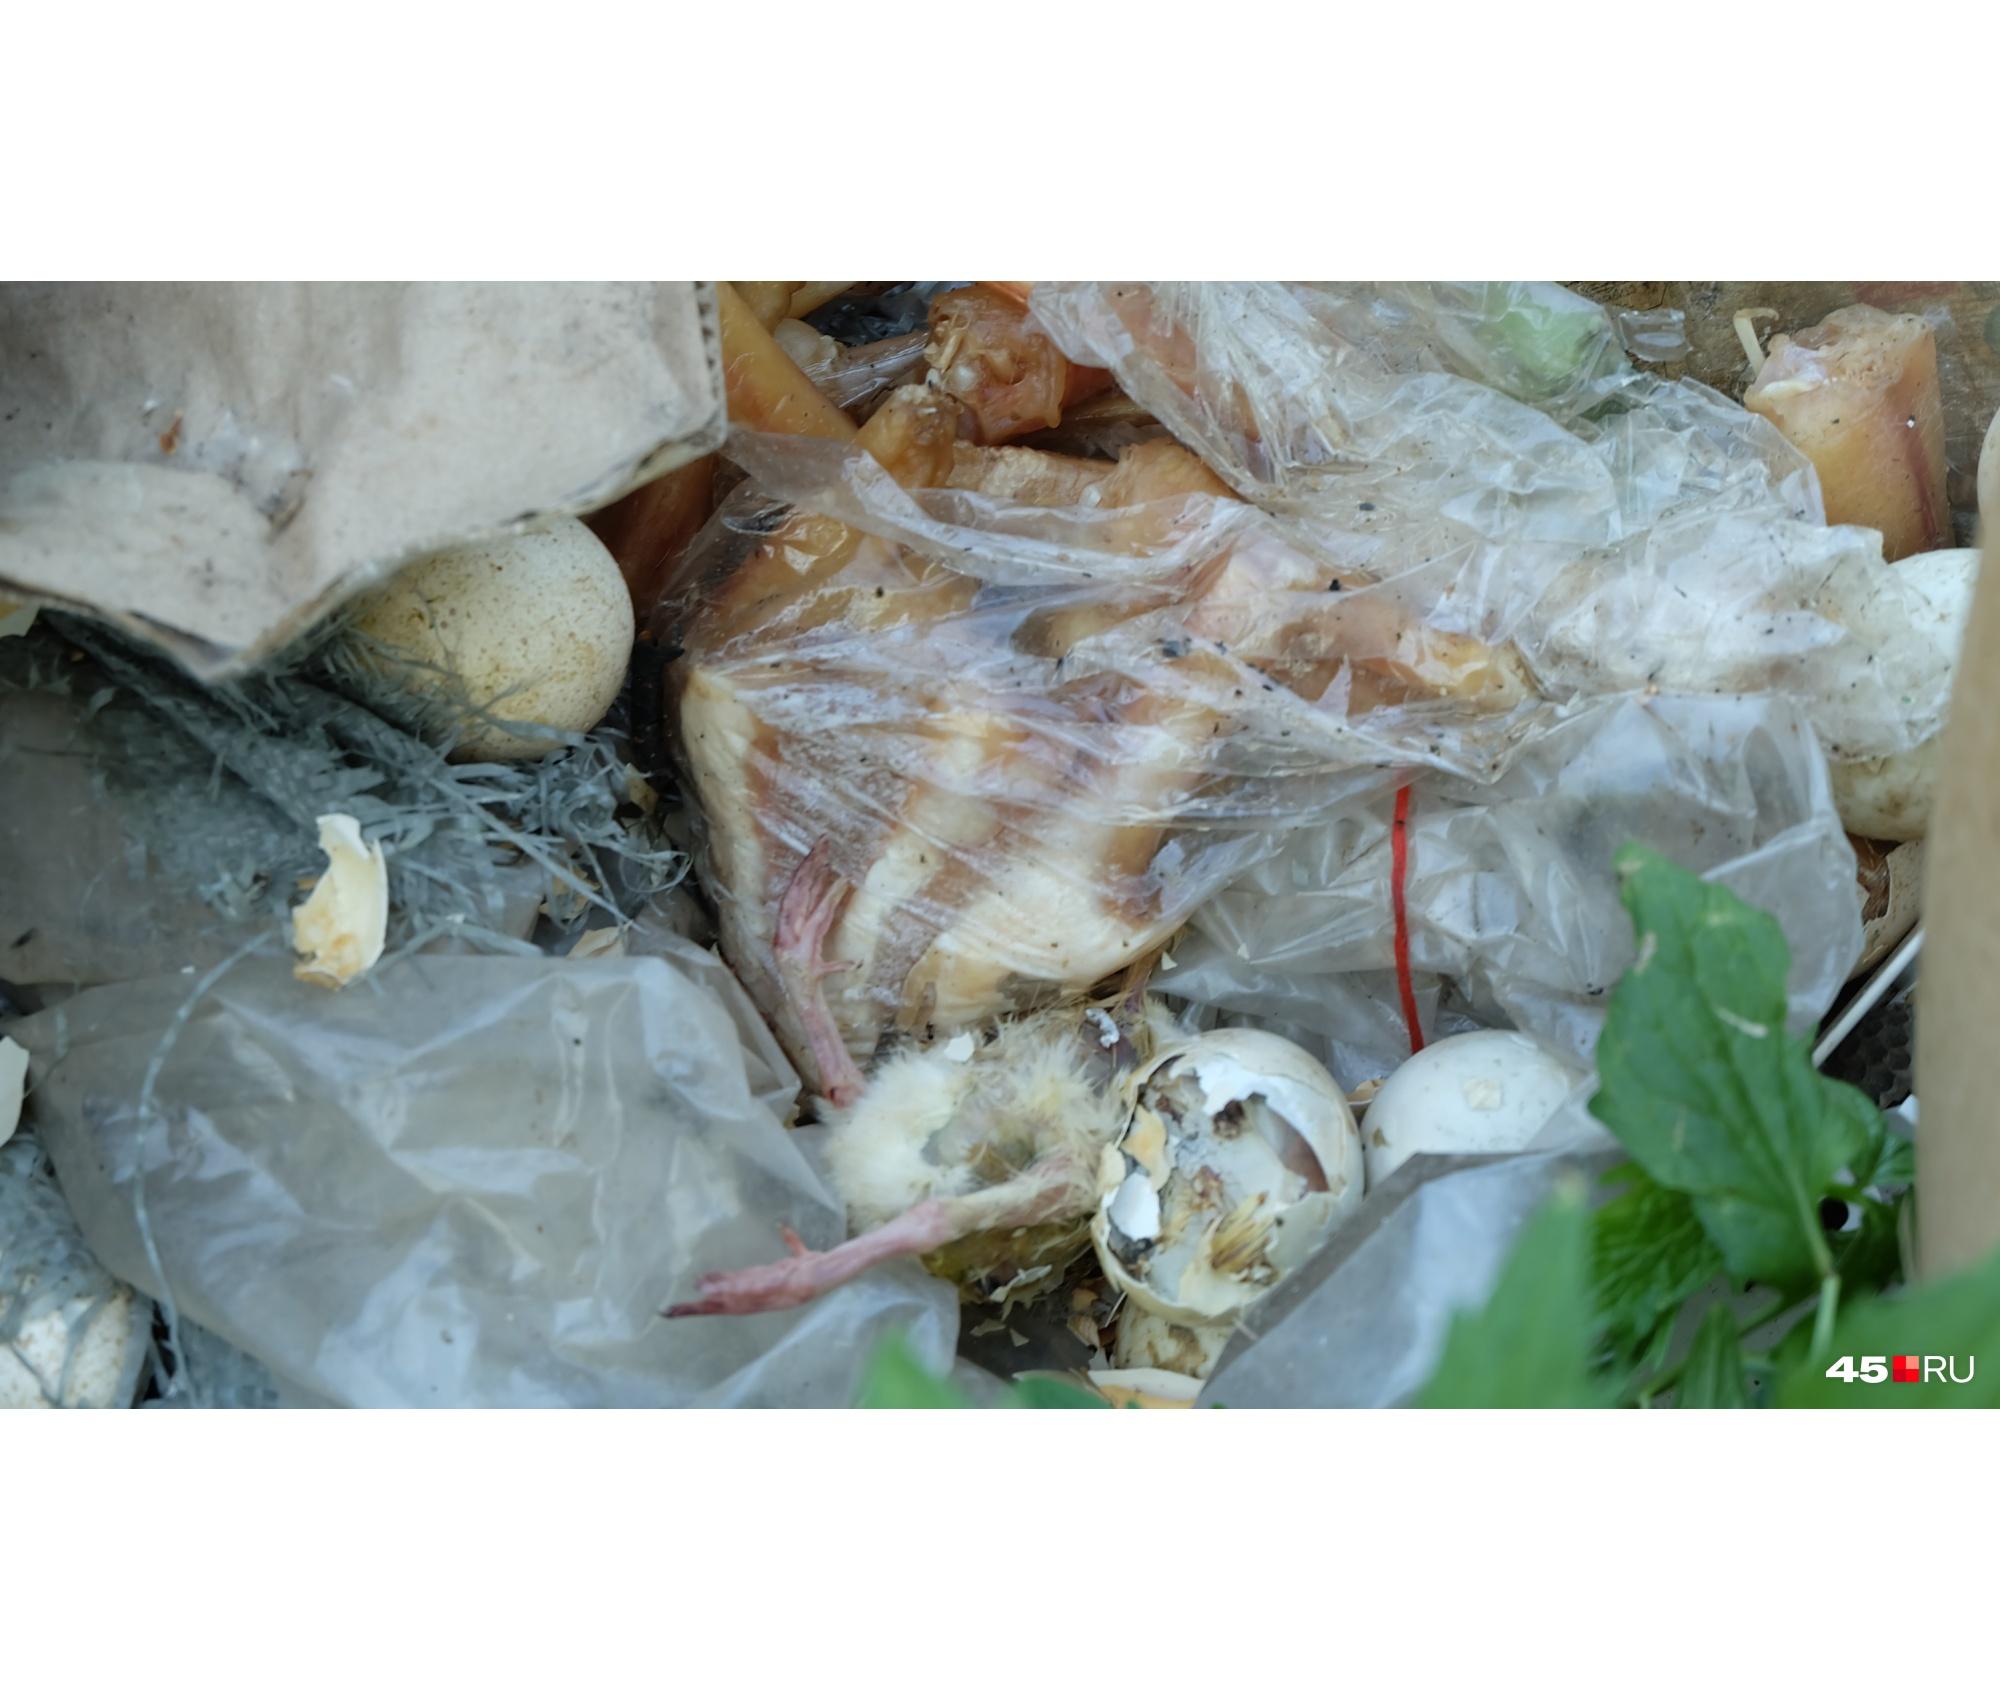 Едва вылупившиеся цыплята также оказались в горе отходов